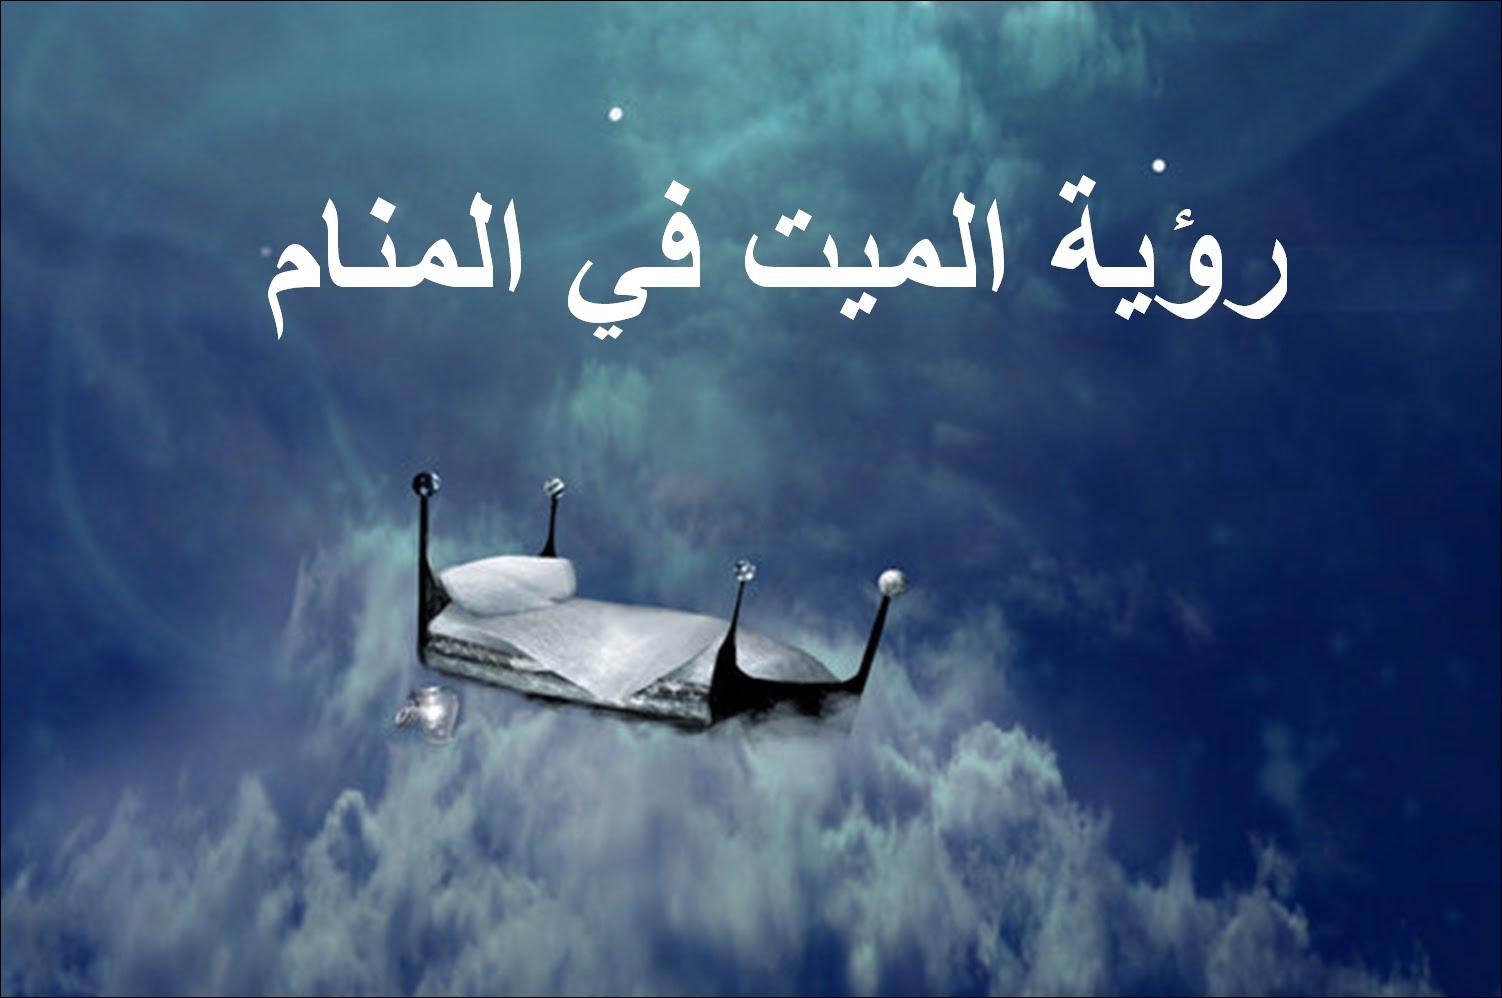 صورة رؤية الميت في المنام يتكلم معك , تفسير حلم رؤيه الميت